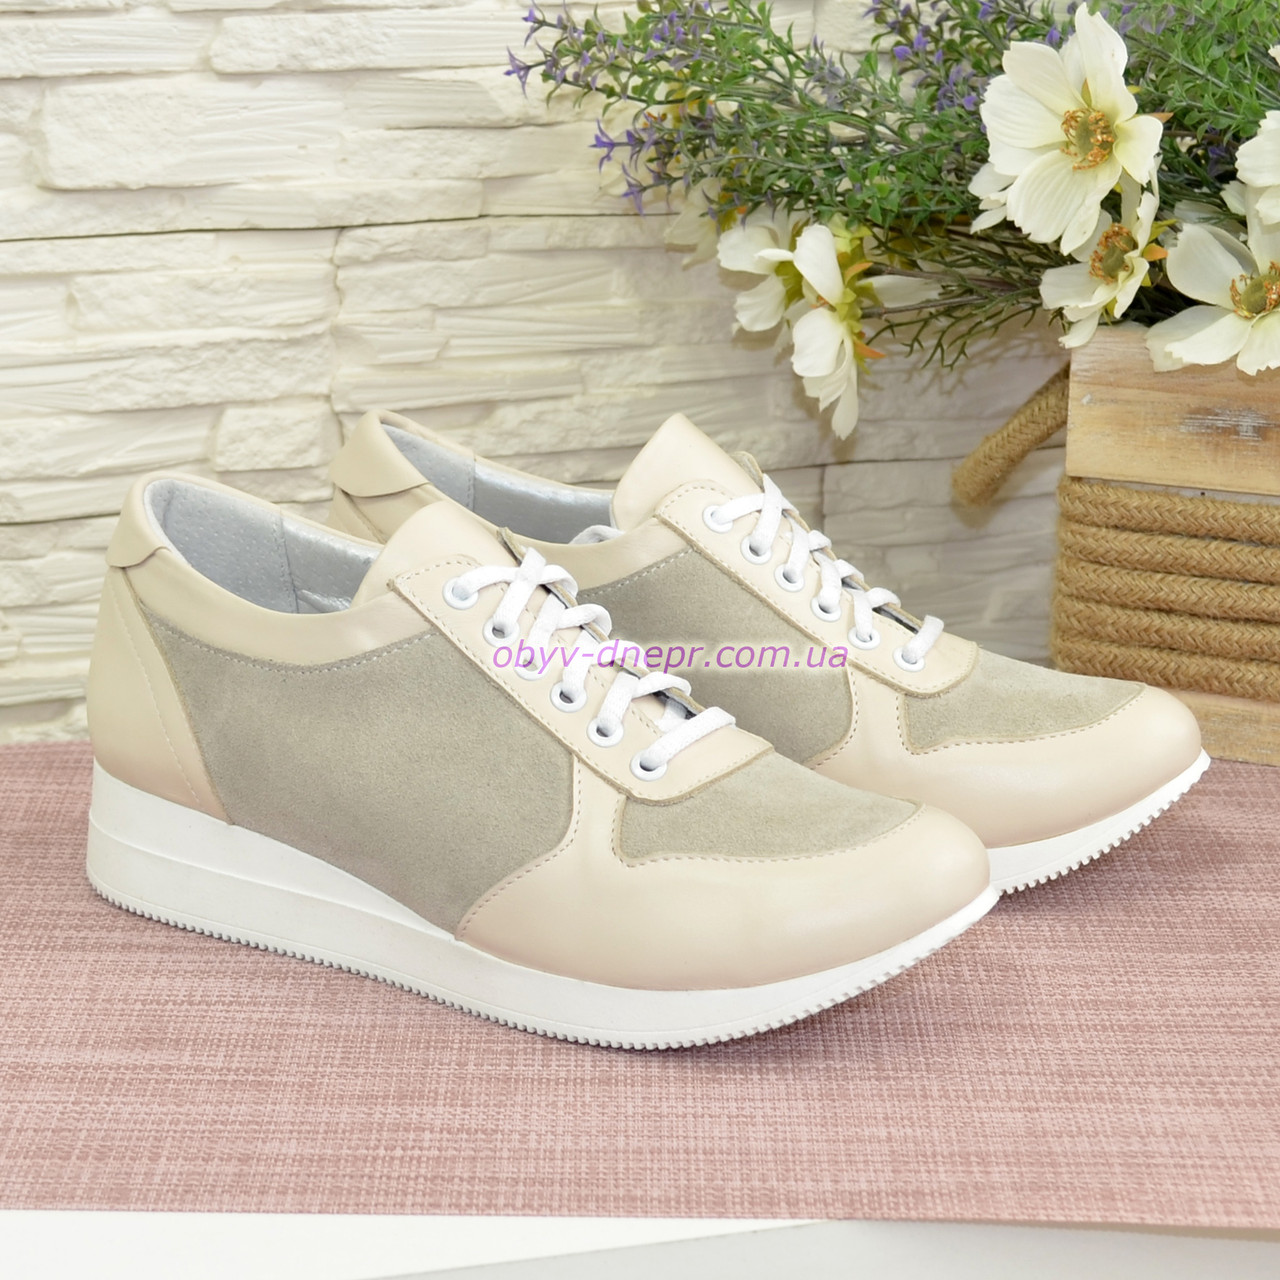 Стильные женские кроссовки на шнуровке, из натуральной кожи и замши бежевого цвета